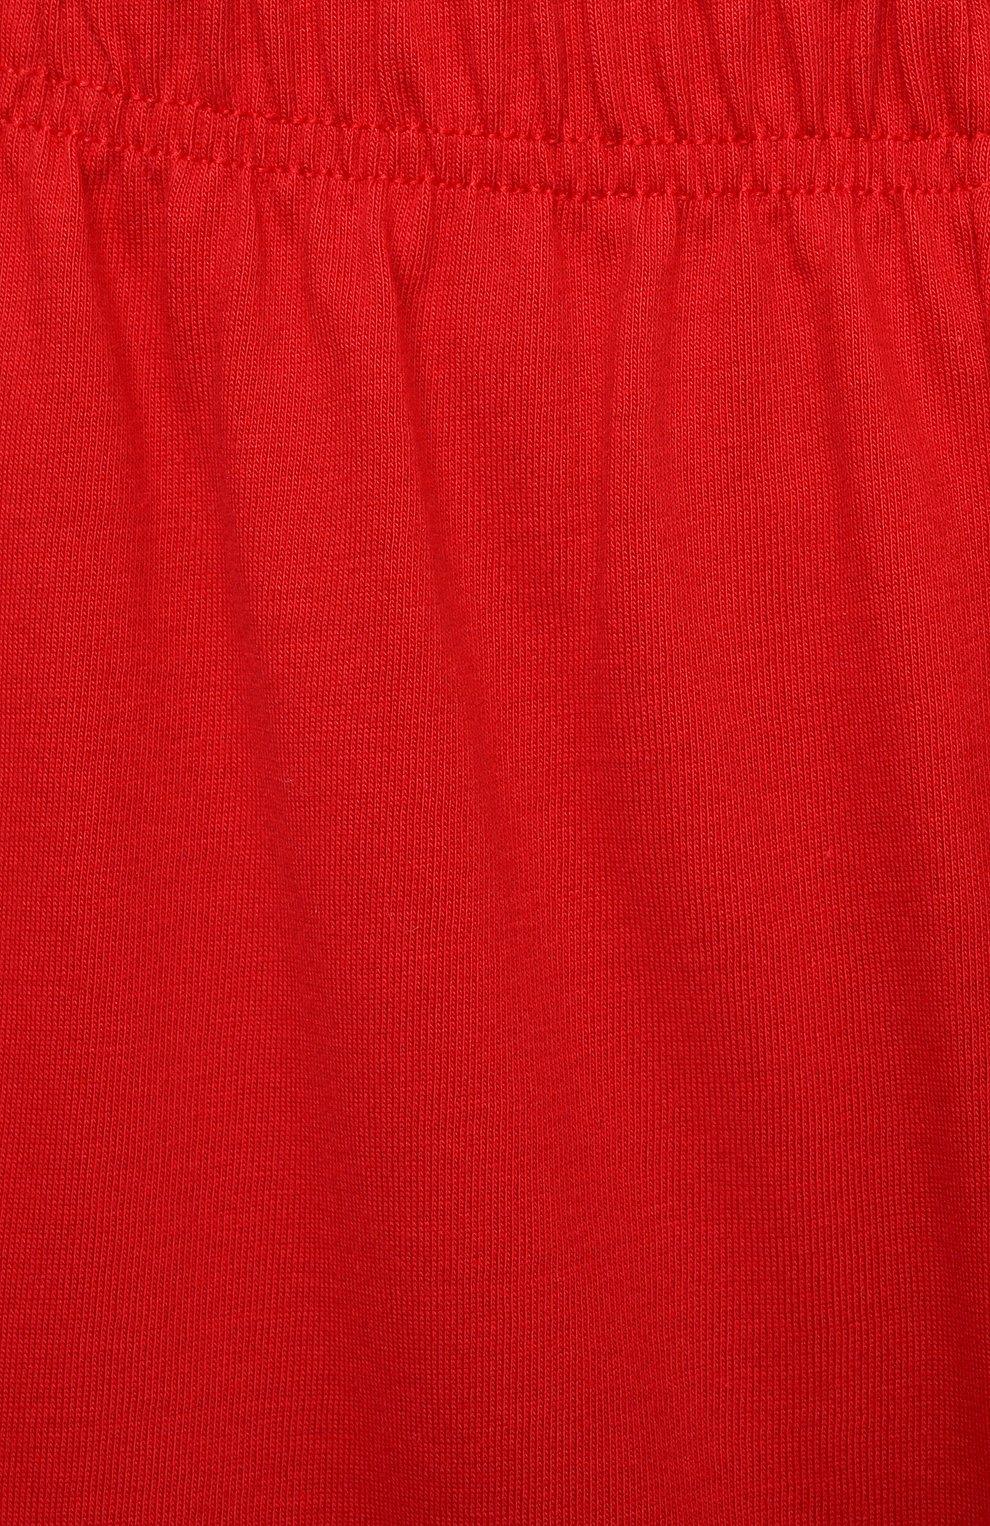 Женская хлопковая пижама LA PERLA красного цвета, арт. 70072/2A-6A | Фото 7